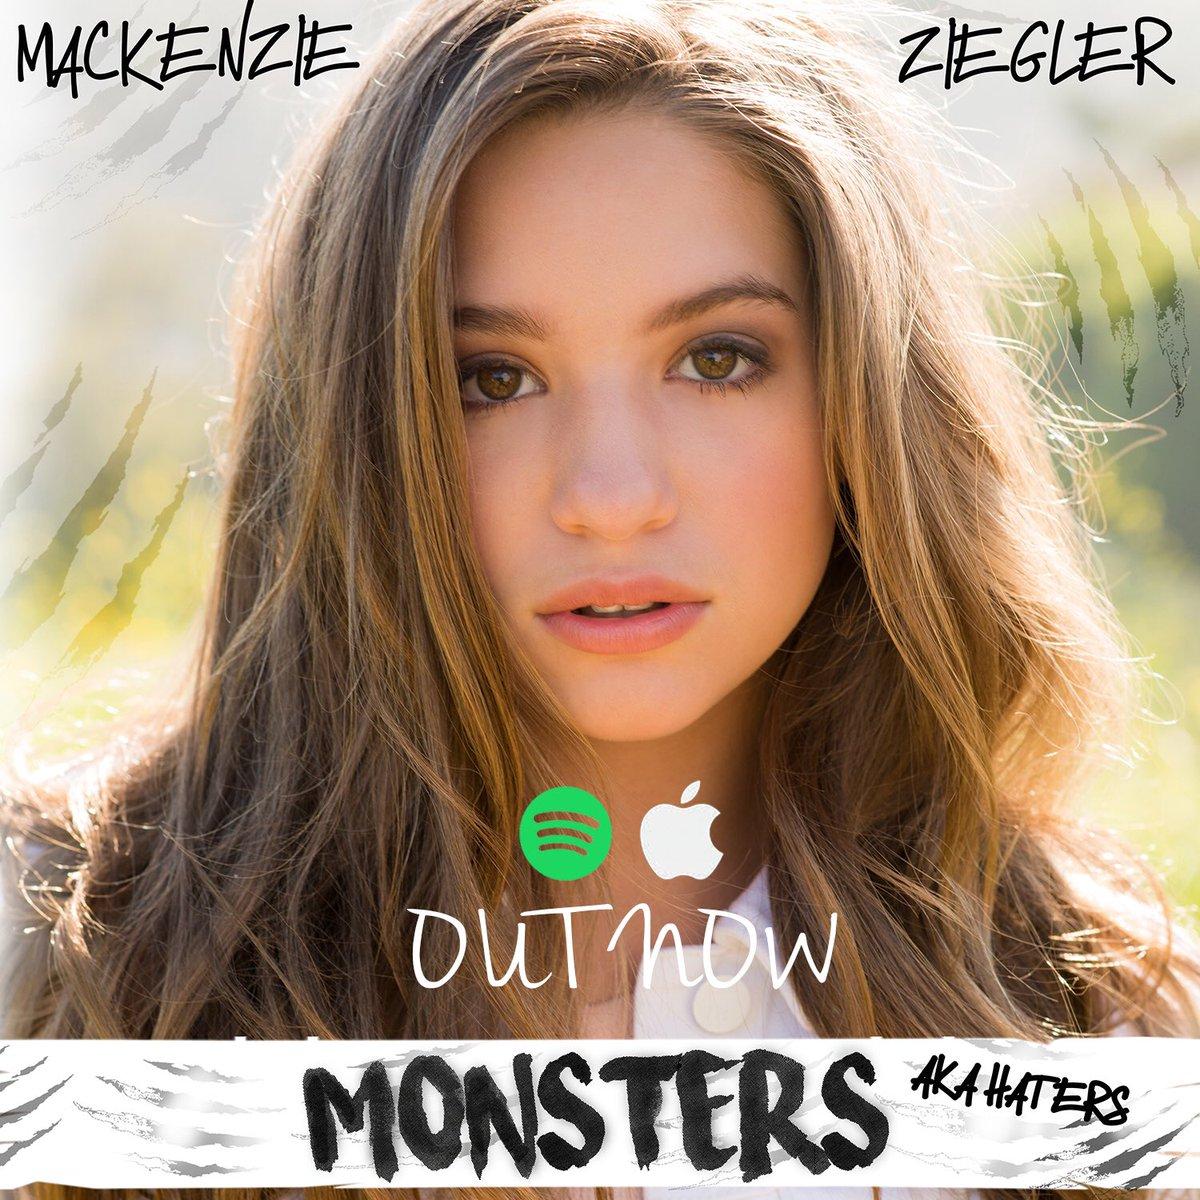 Mackenzie Ziegler (@kenzieziegler) | Twitter